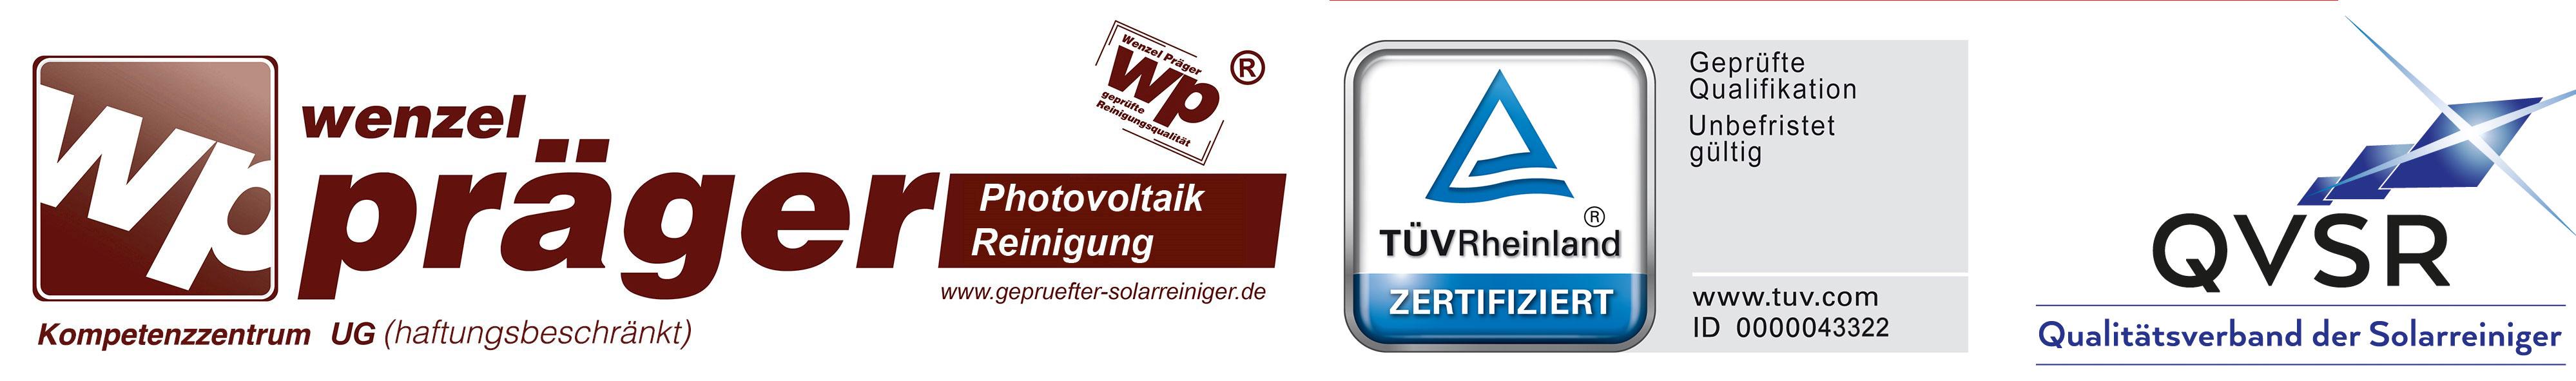 Ausbildung zum geprüften Photovoltaik- und Solarreiniger